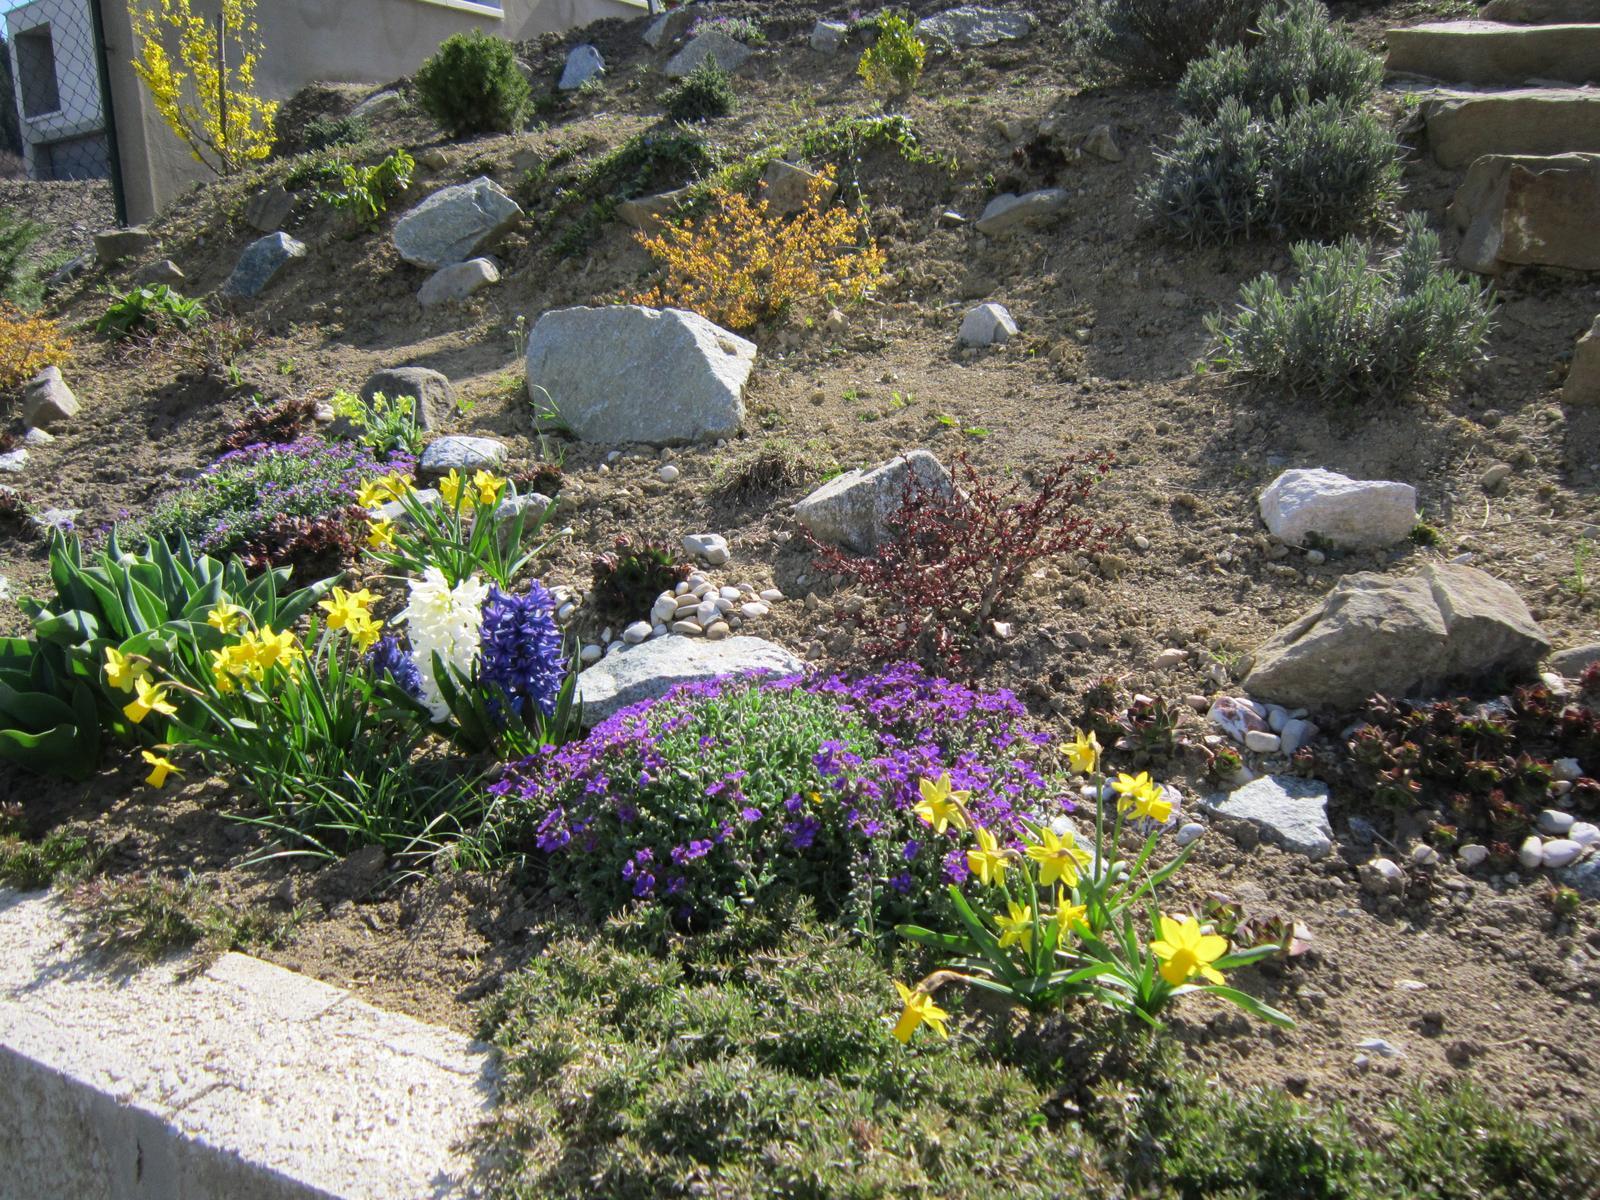 Moja záhrada...ako šiel čas - Obrázok č. 4